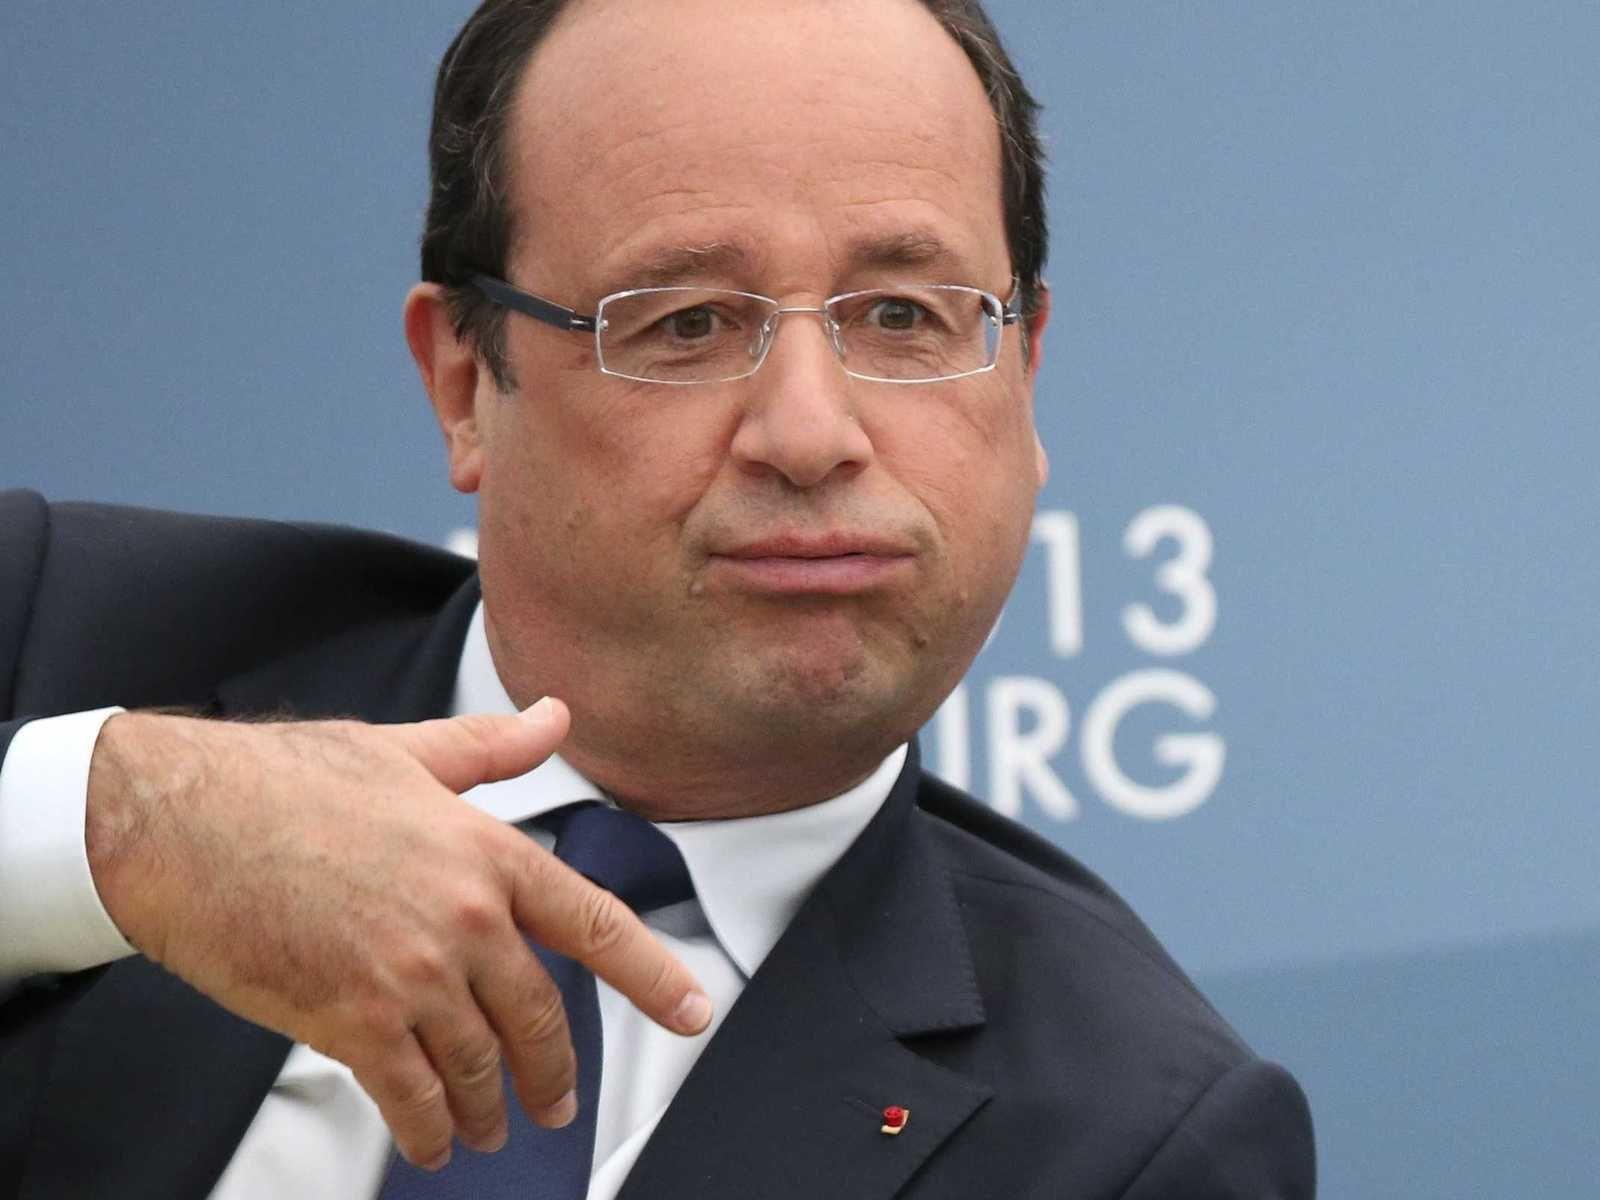 Akeulette vous l'annoncez le 06 /06/16 et voila la parole du Seigneur vient de s'accomplir!!! Francois Hollande ne sera pas candidat en 2017!!!!